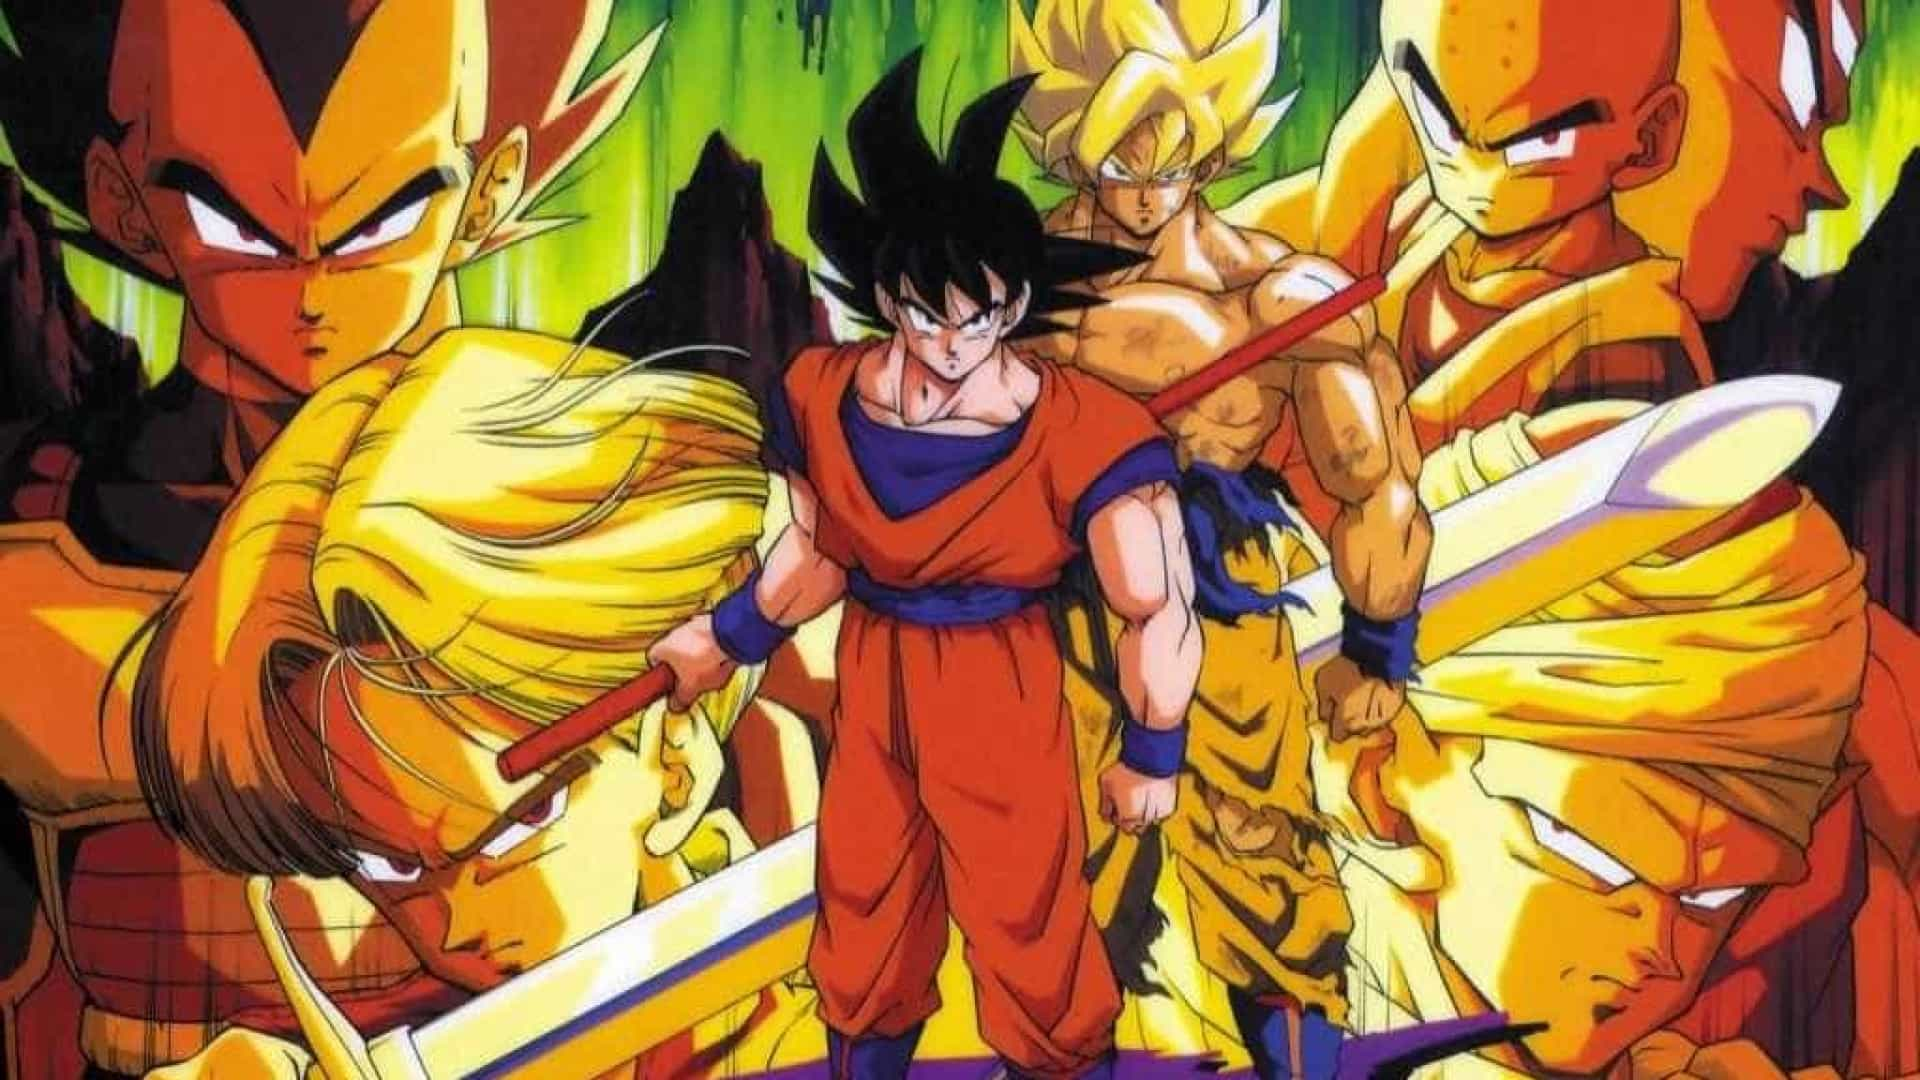 Dragon Ball Super 102 trará combates contra uma inimiga bem diferente